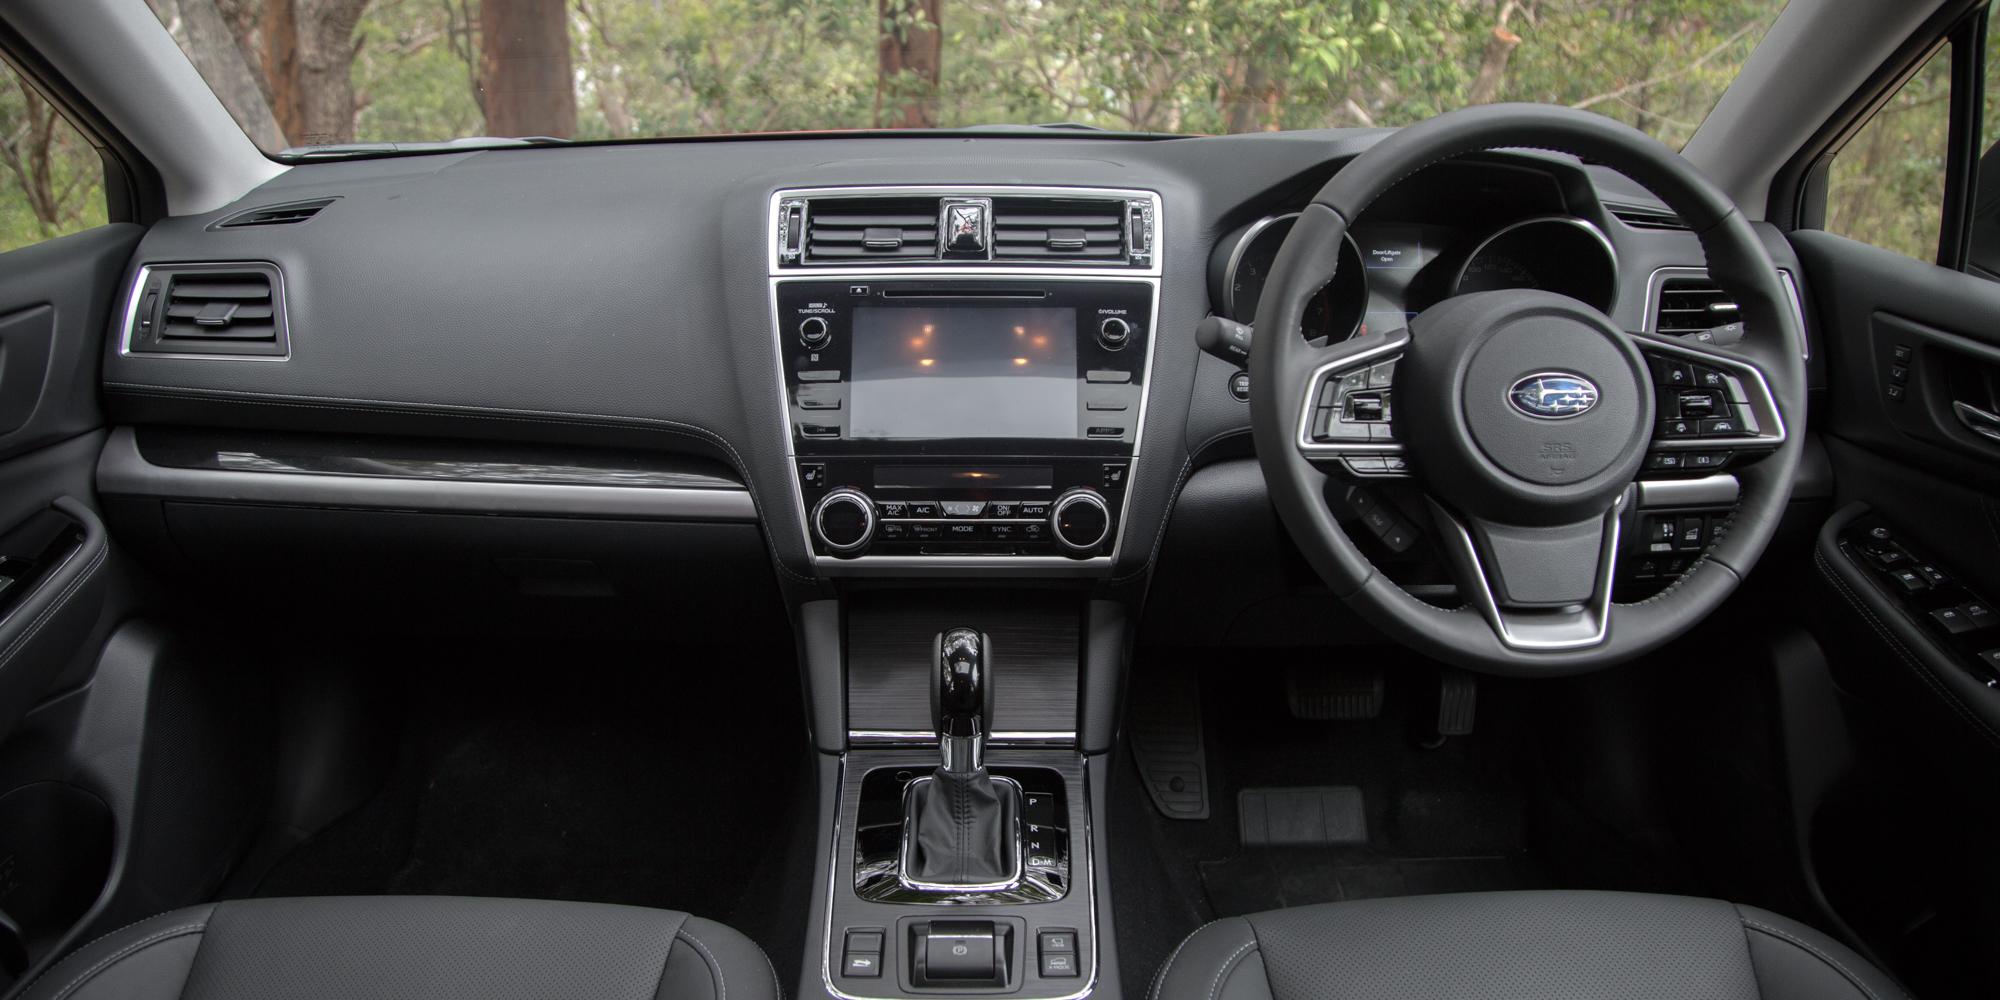 2018 Subaru Outback review: 2 5i Premium | CarAdvice